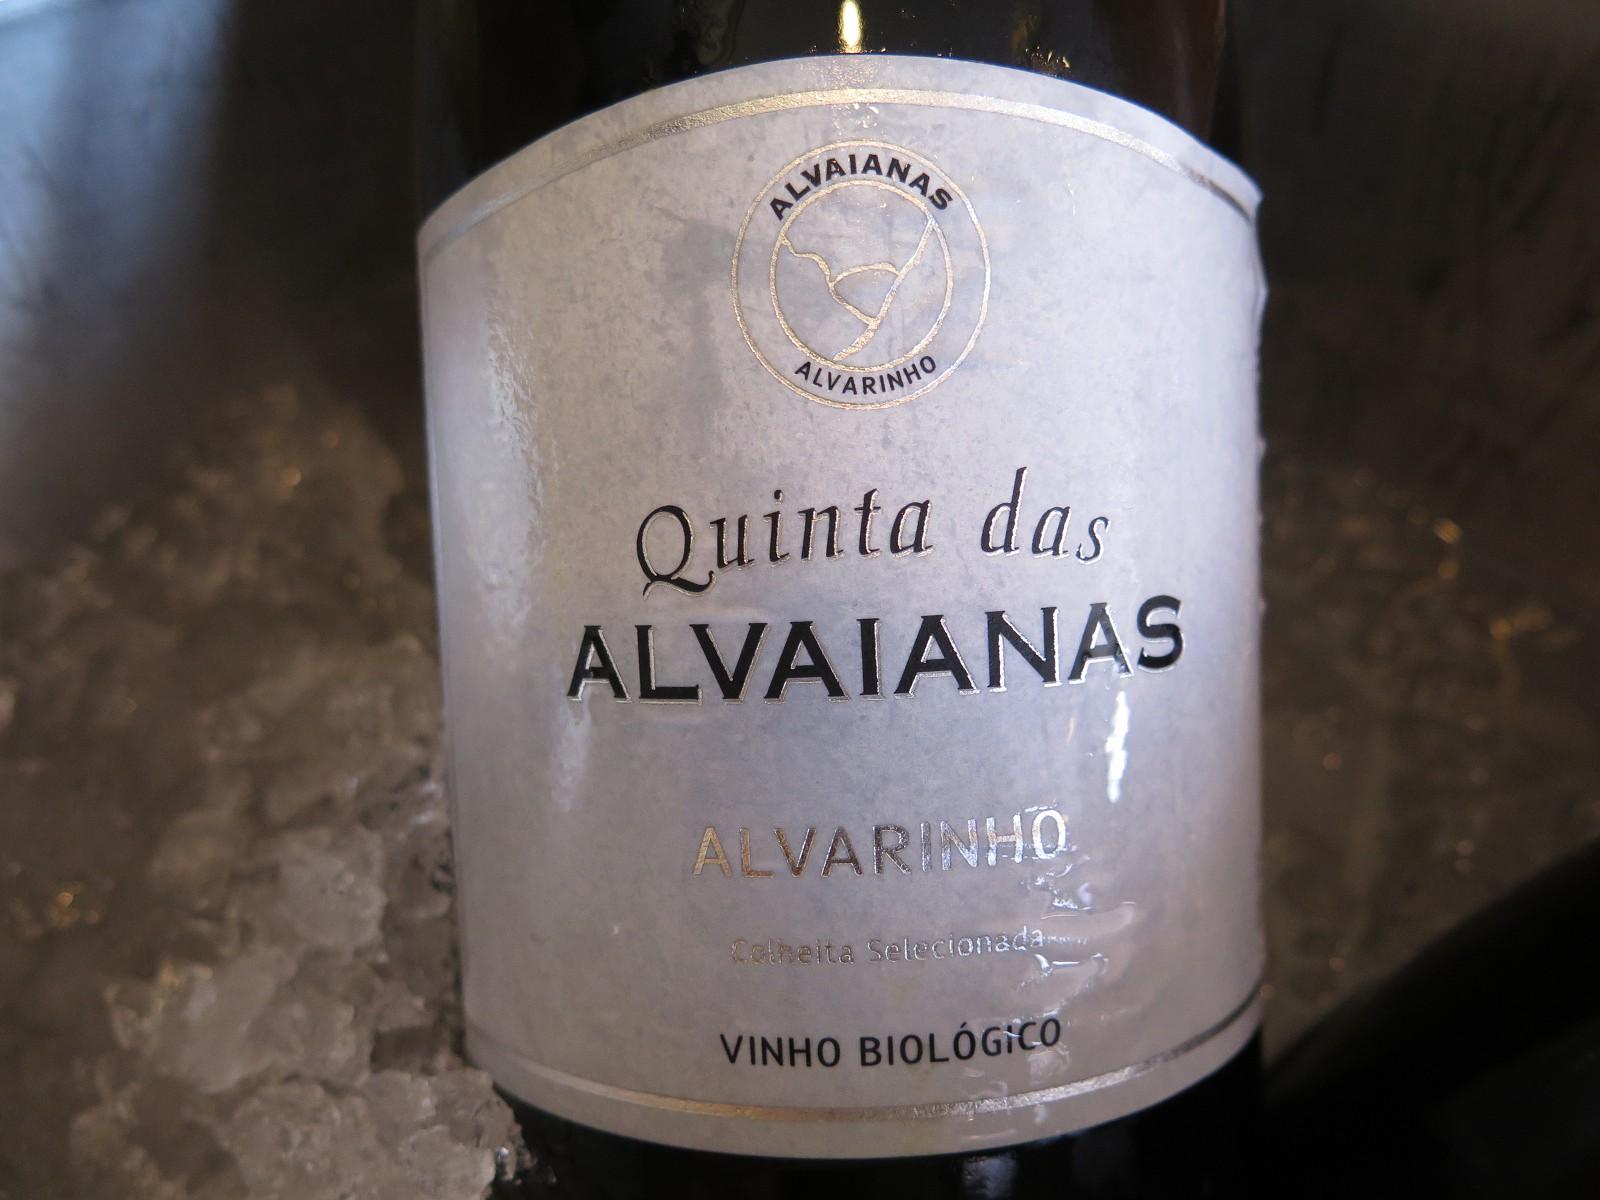 Quinta das Alvaianas 2018